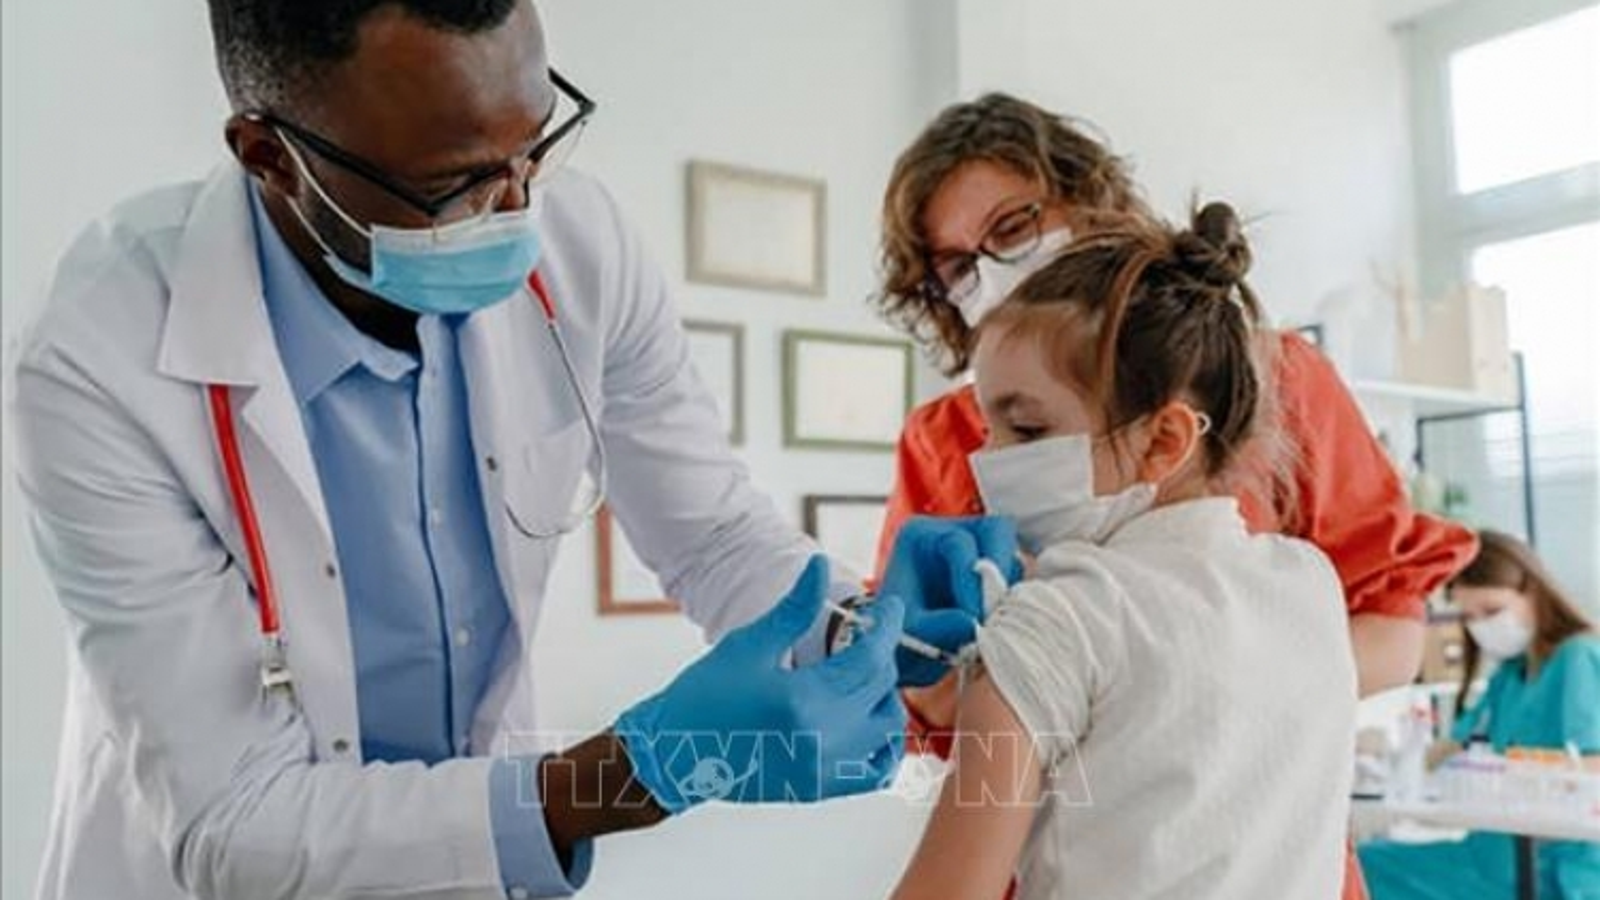 FDA Mỹ từ chối tiêm vaccine liều 3 rộng rãi, khuyến khích tiêm cho người trên 65 tuổi